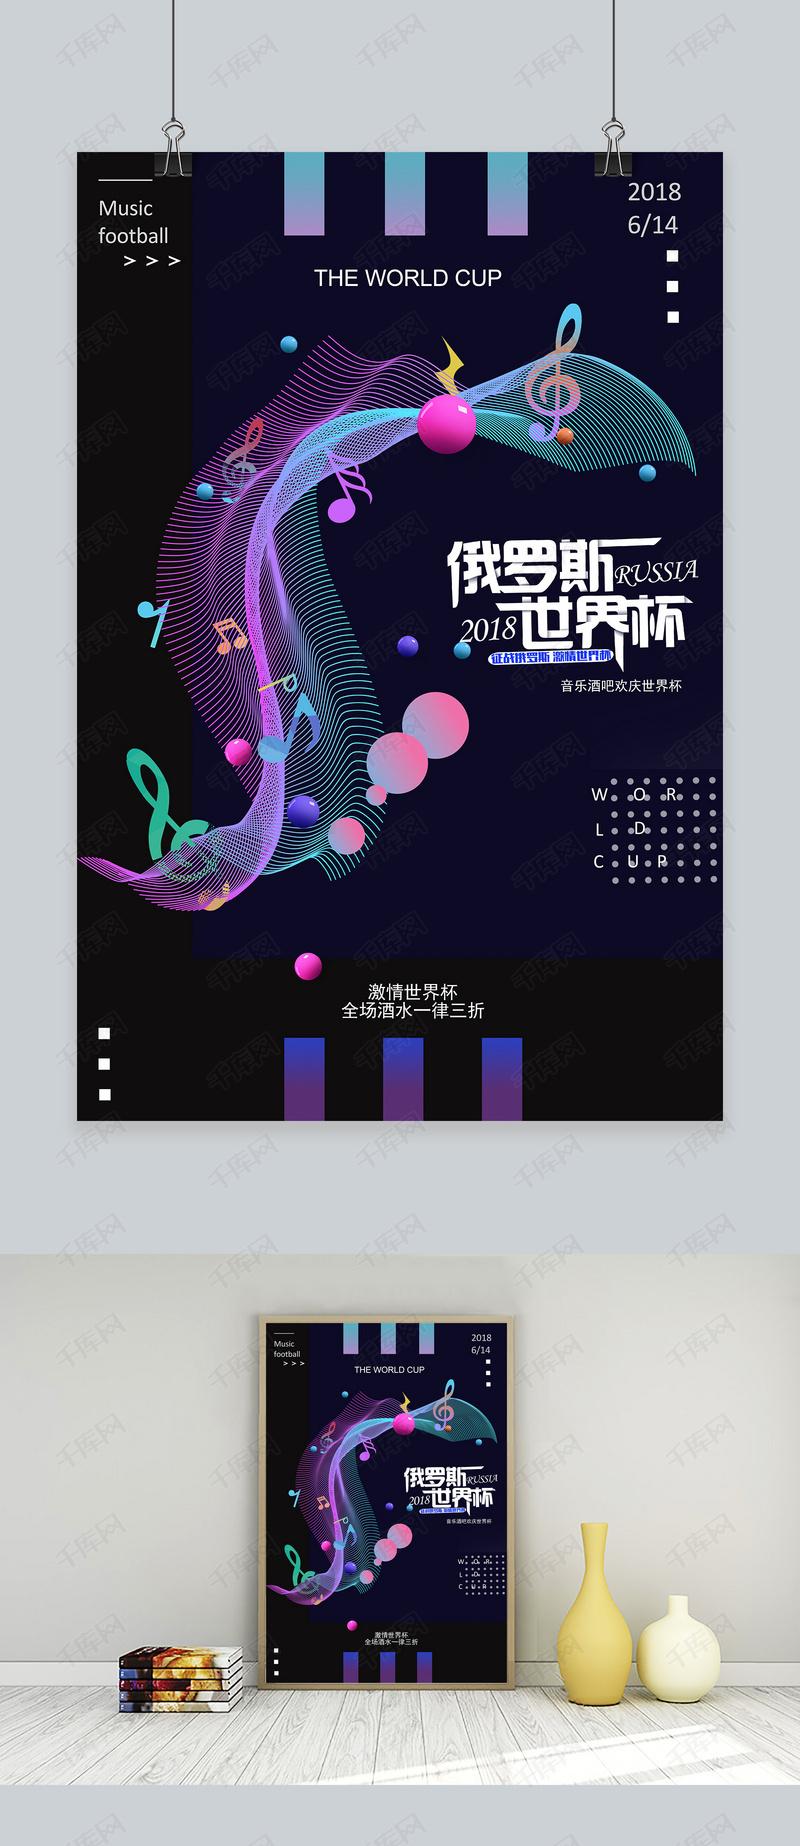 千库原创音乐俄罗斯世界杯海报